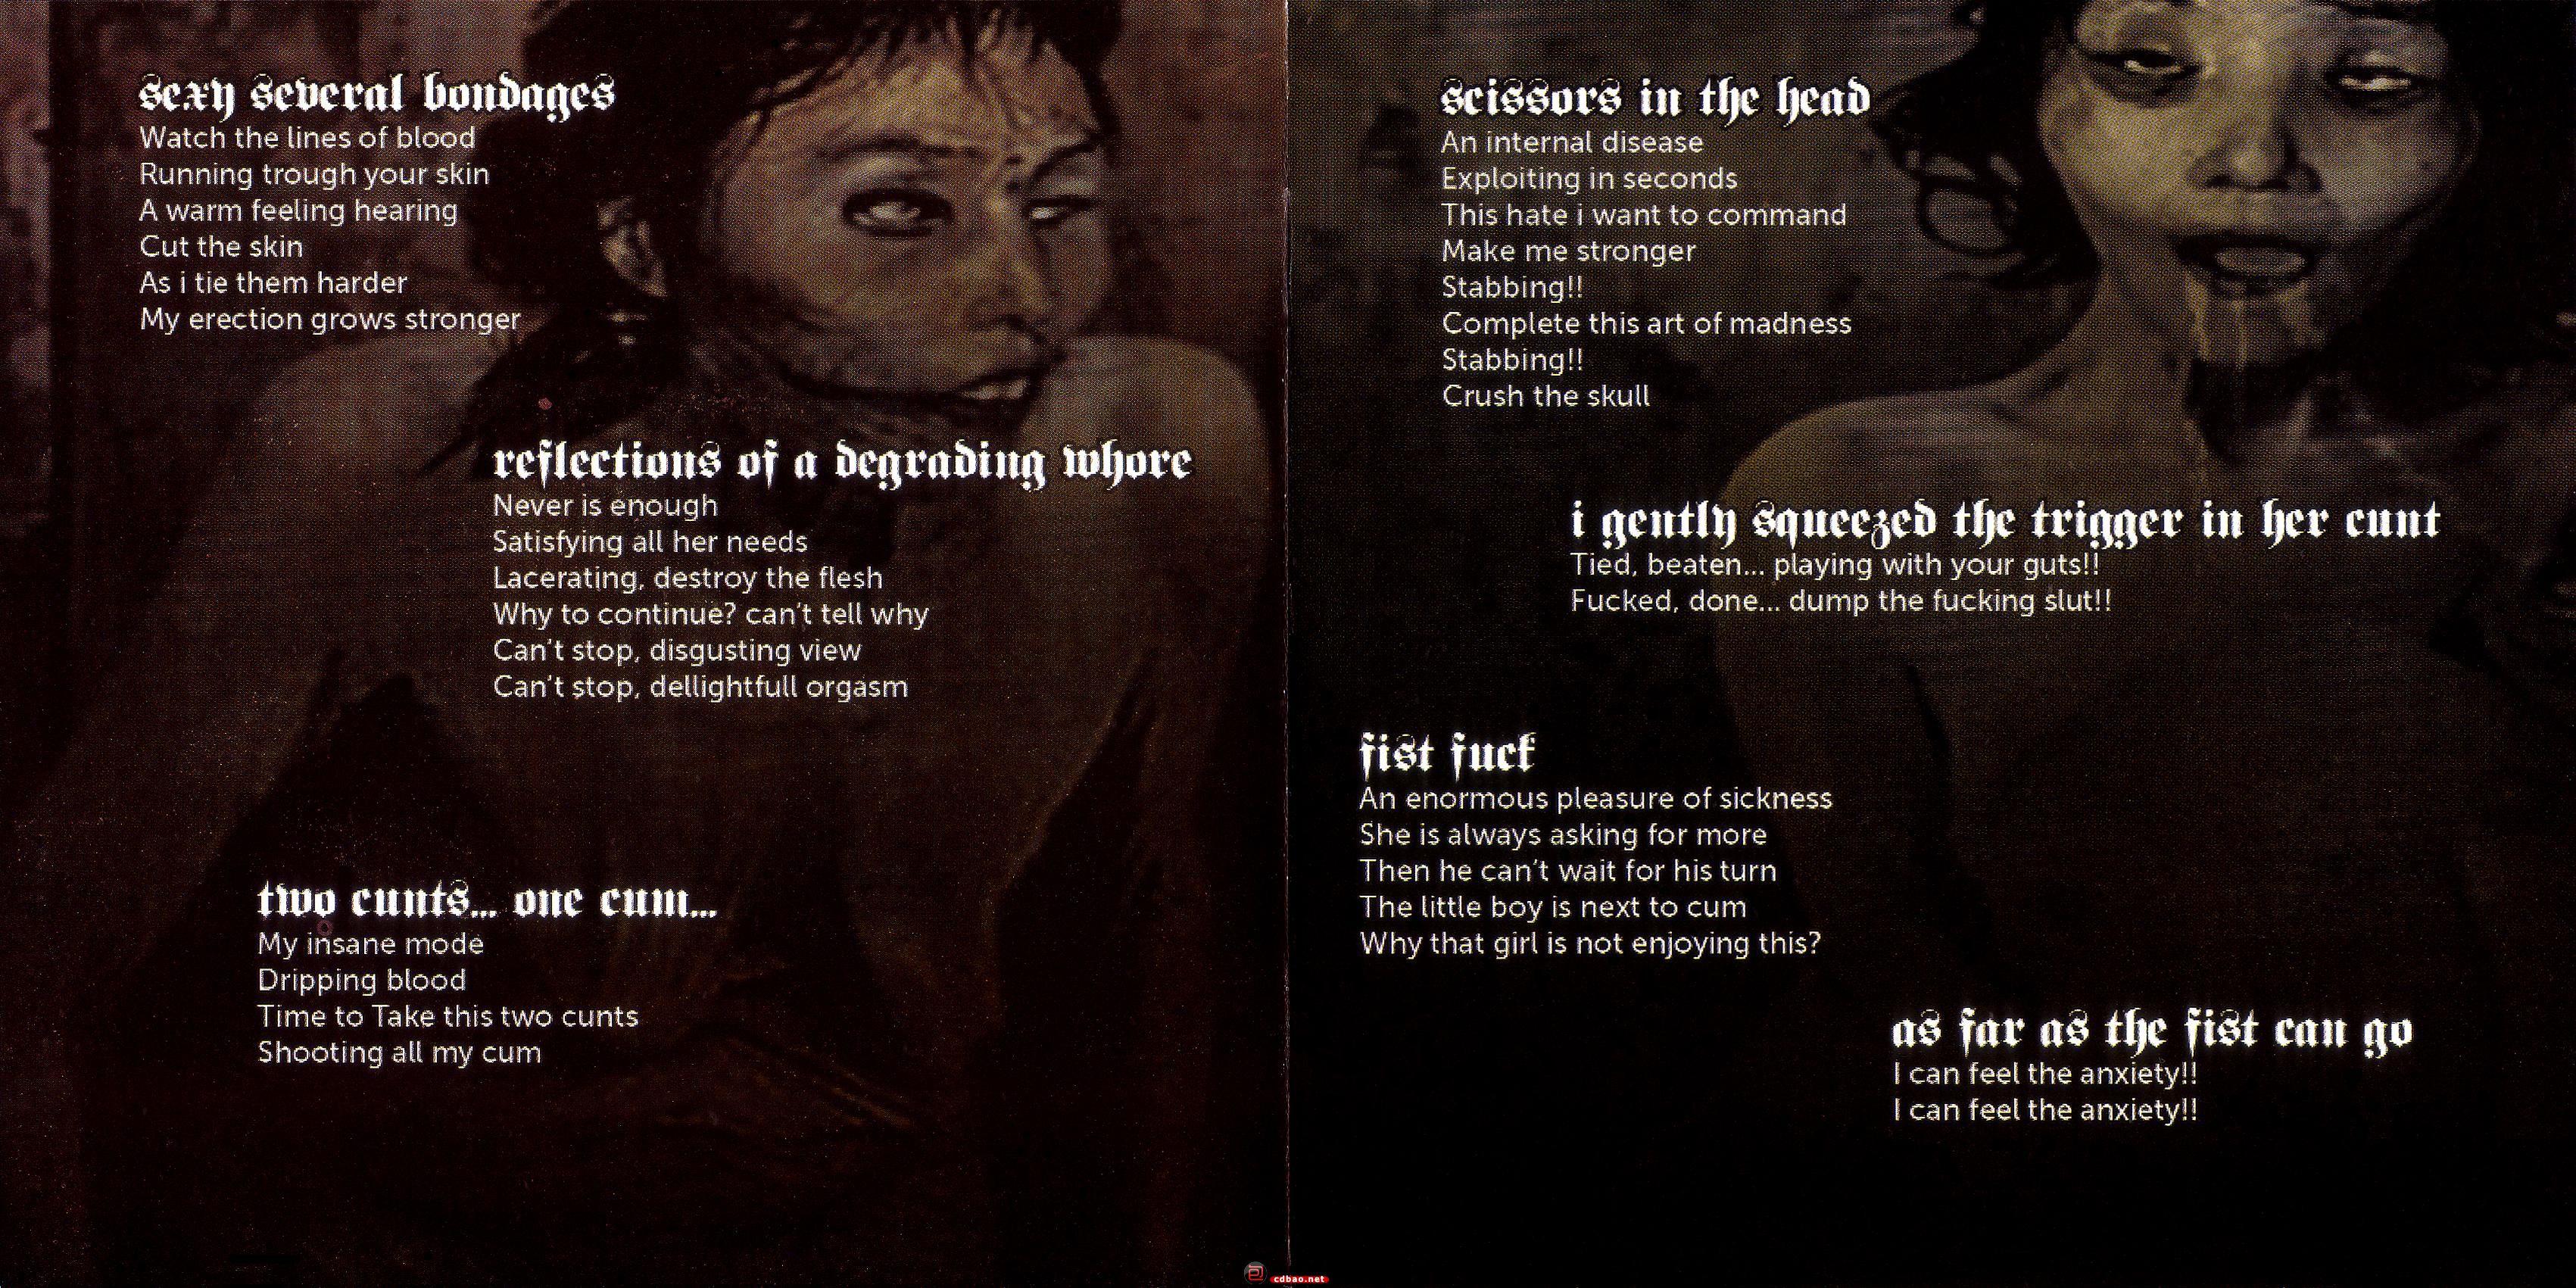 booklet01-02.jpg